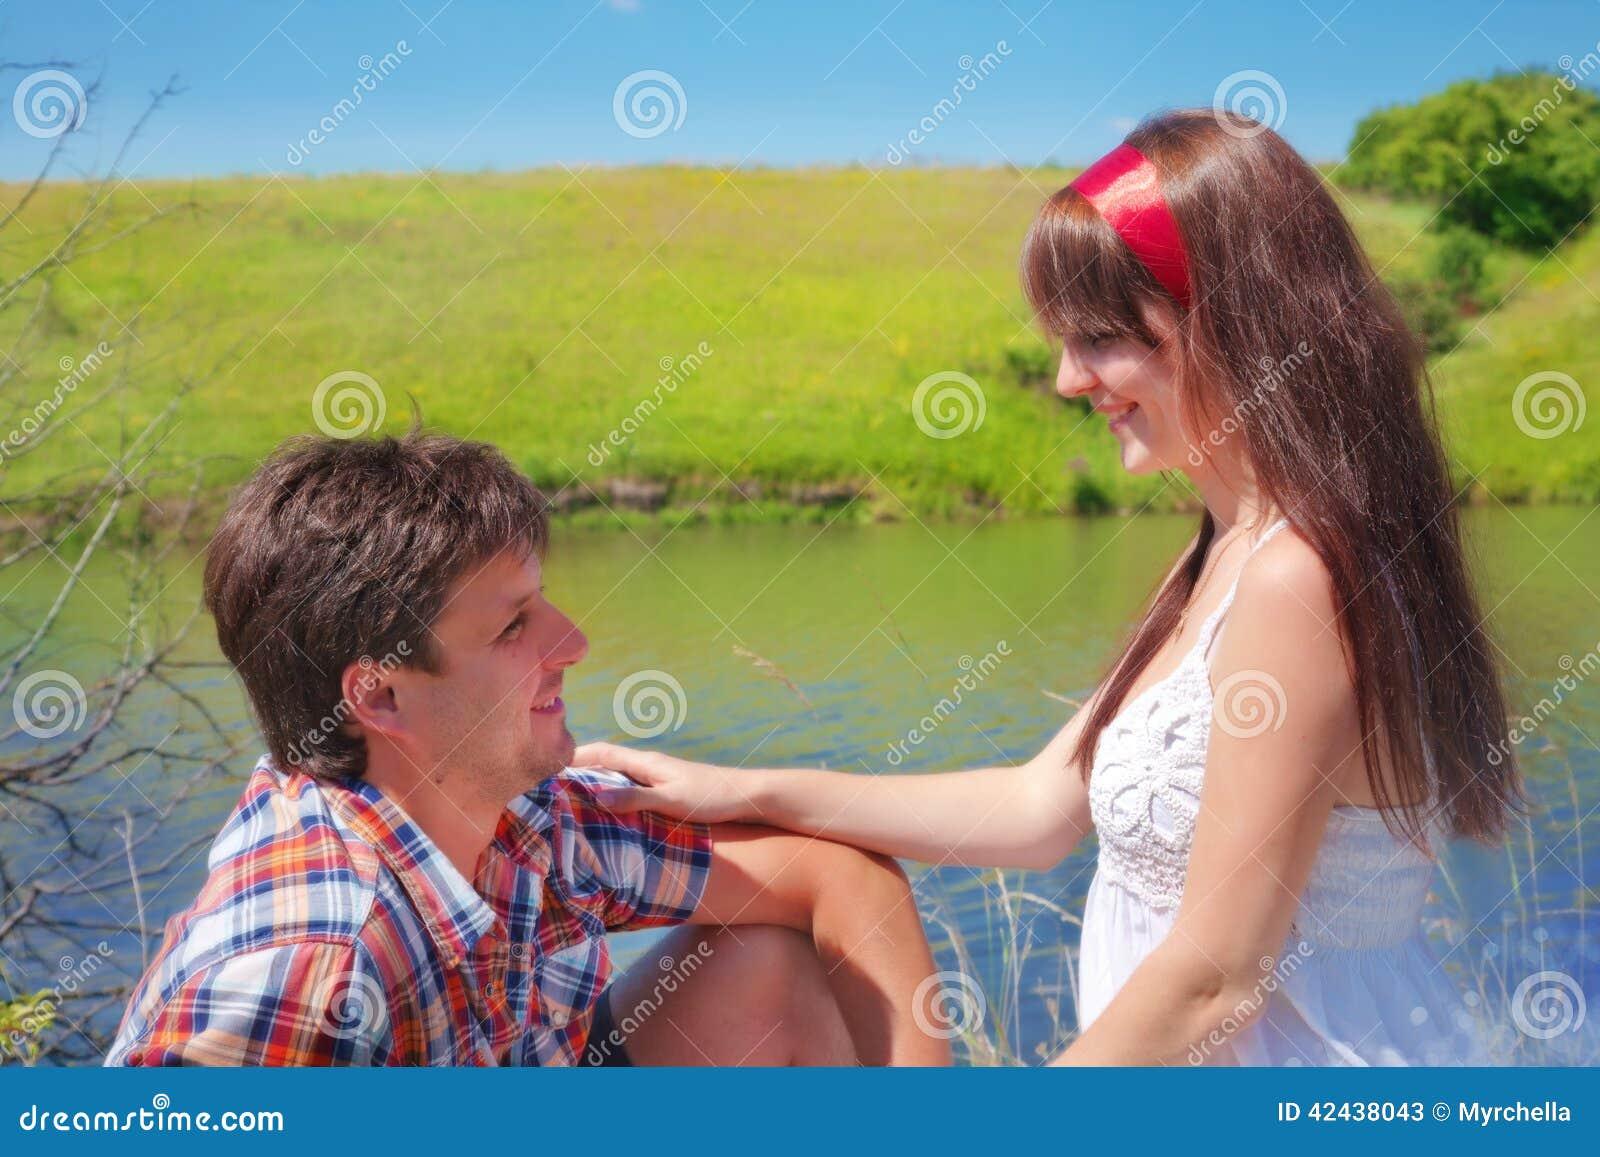 Hombre y mujer en un paseo en la naturaleza